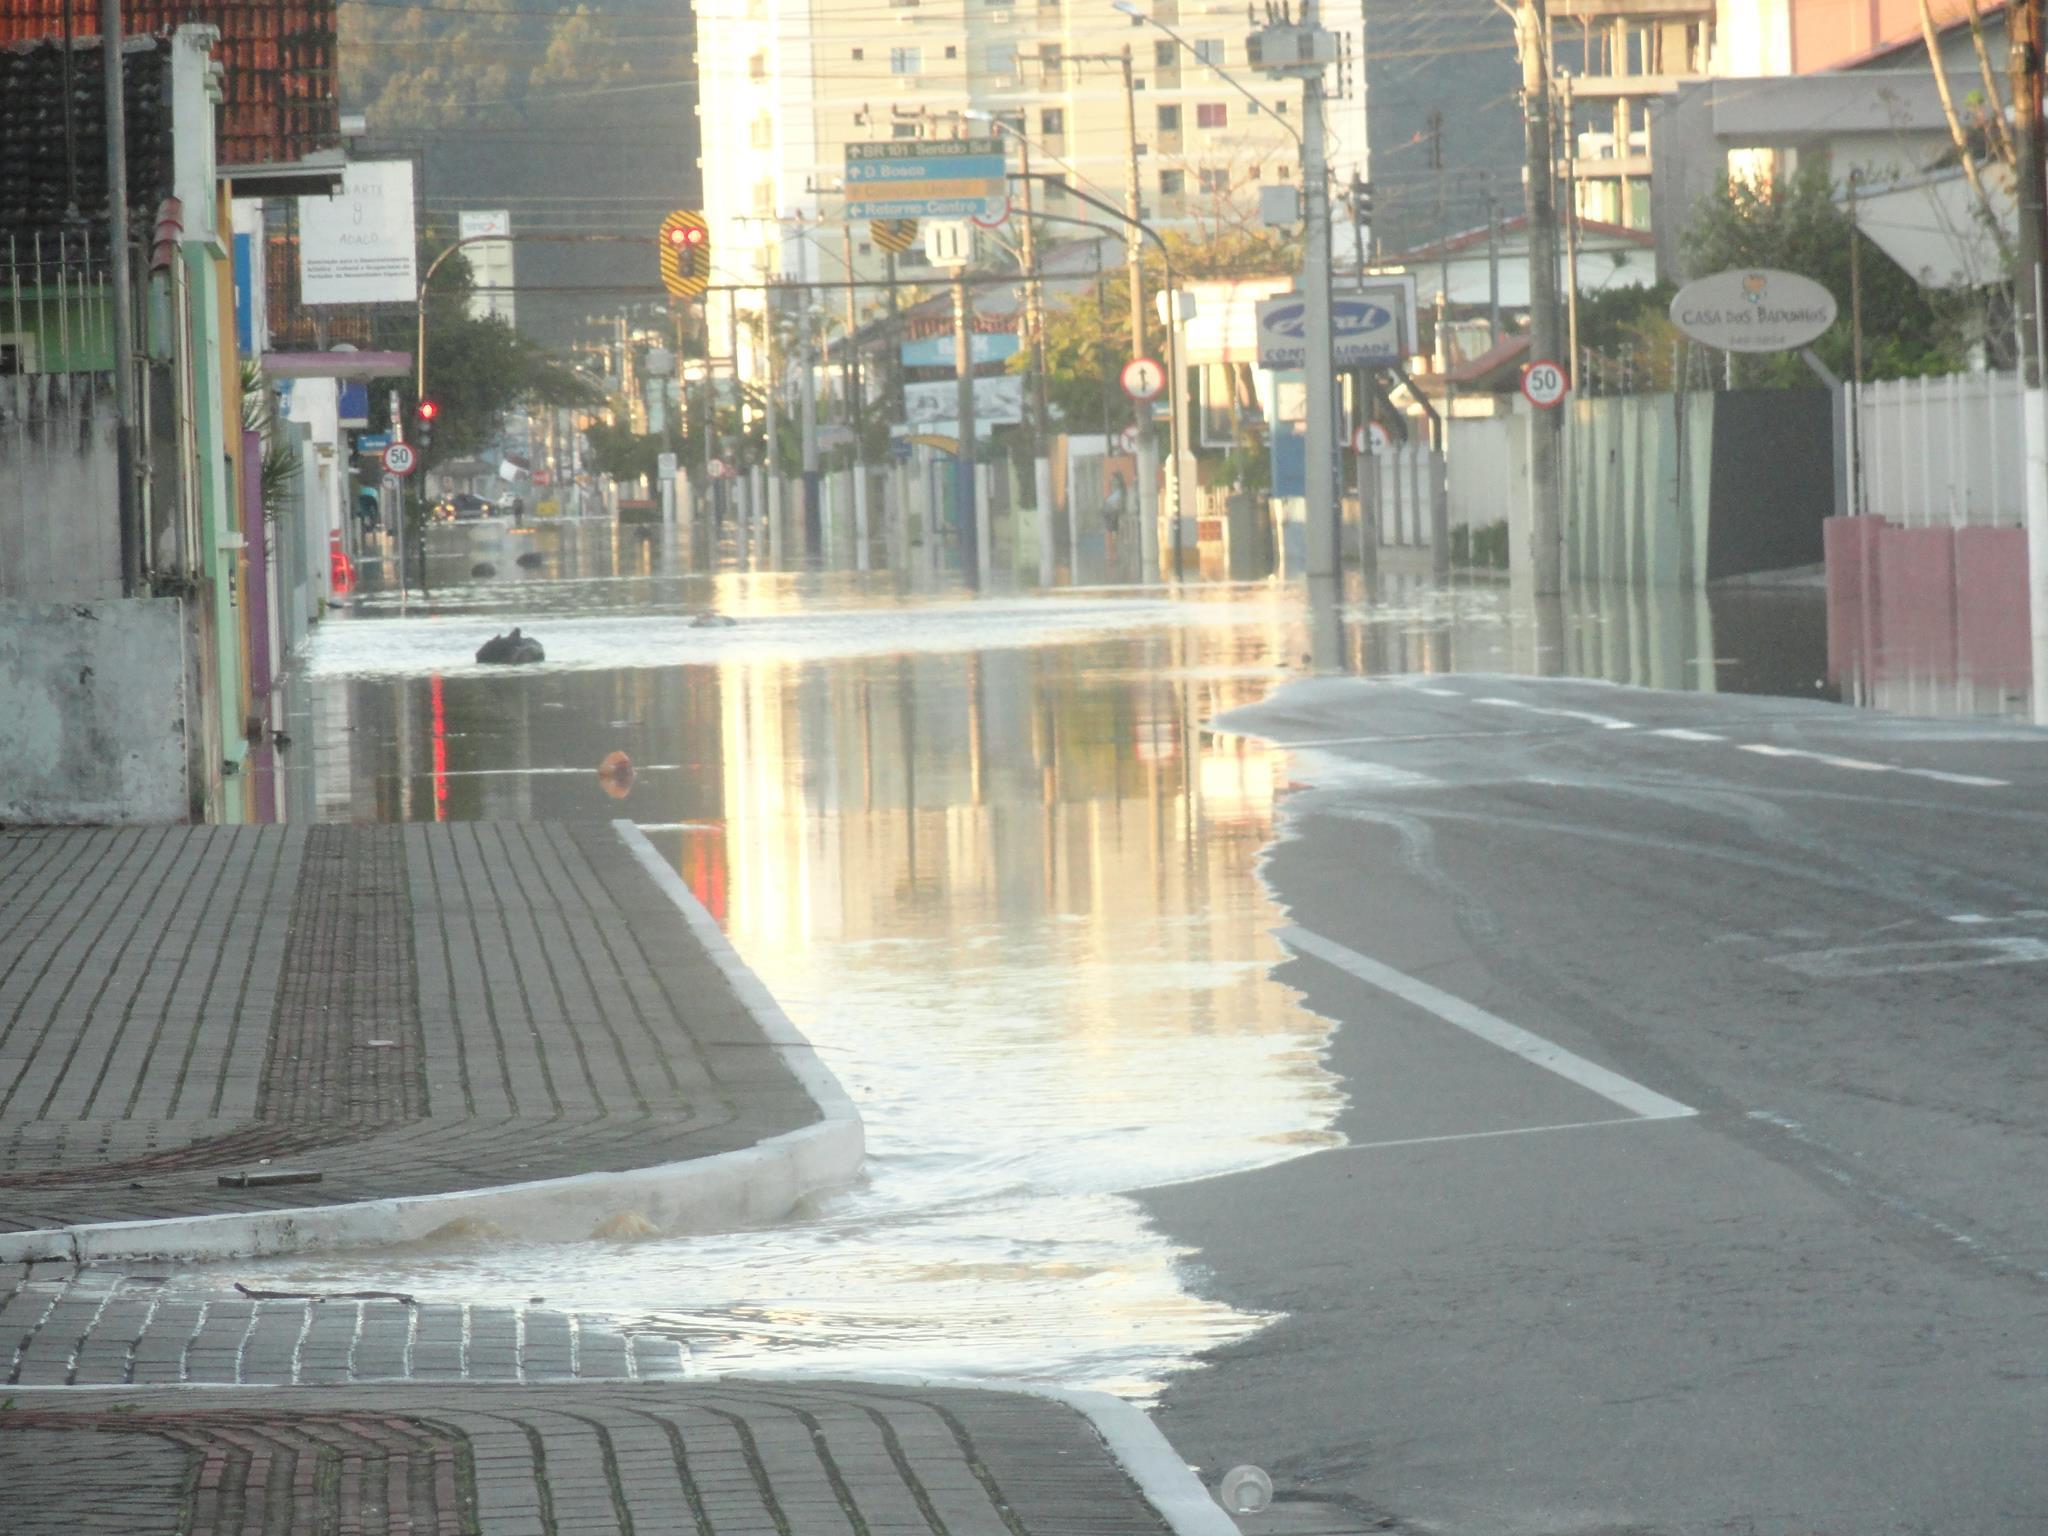 Fotos itajai enchente 2011 49